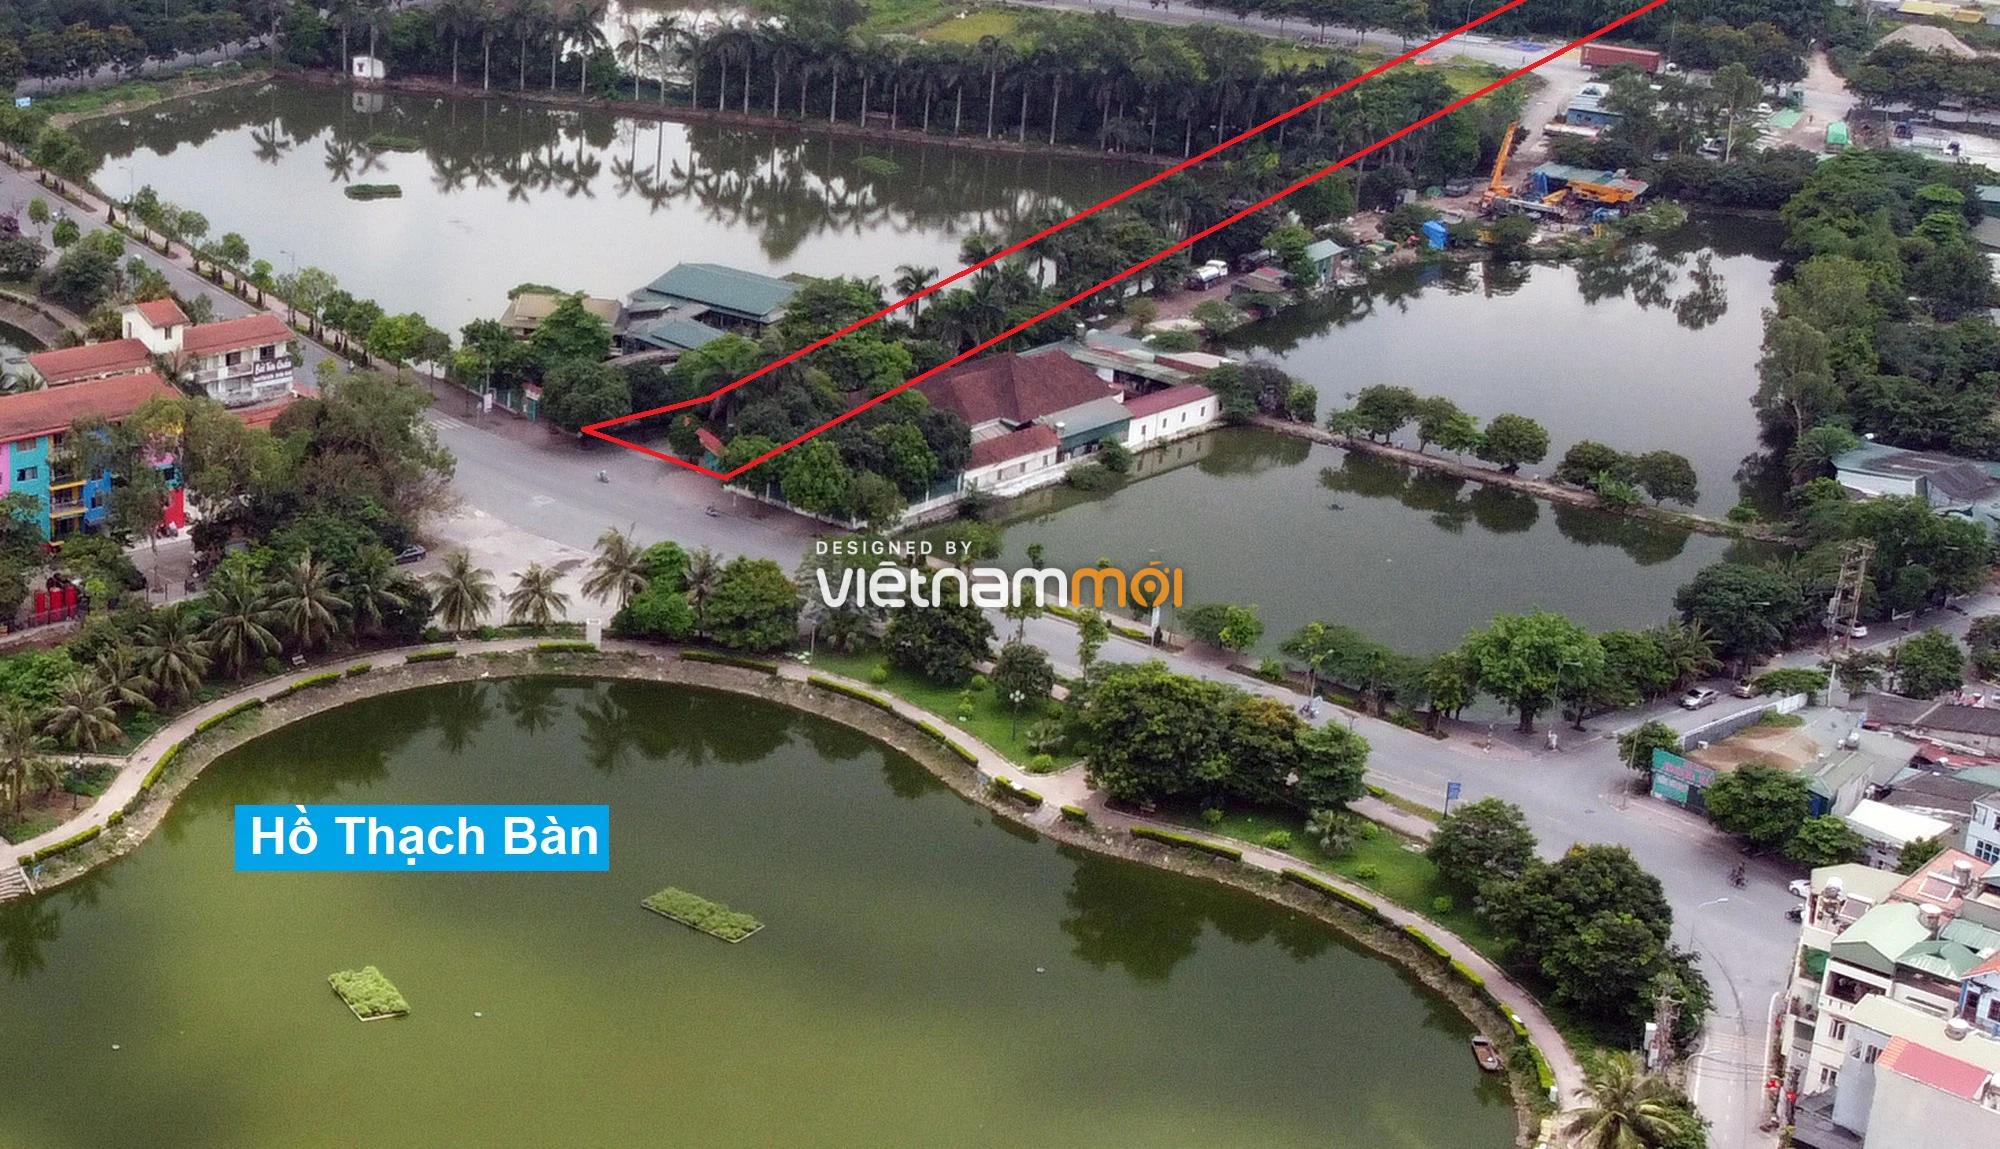 Những khu đất sắp thu hồi để mở đường ở phường Thạch Bàn, Long Biên, Hà Nội (phần 4) - Ảnh 3.